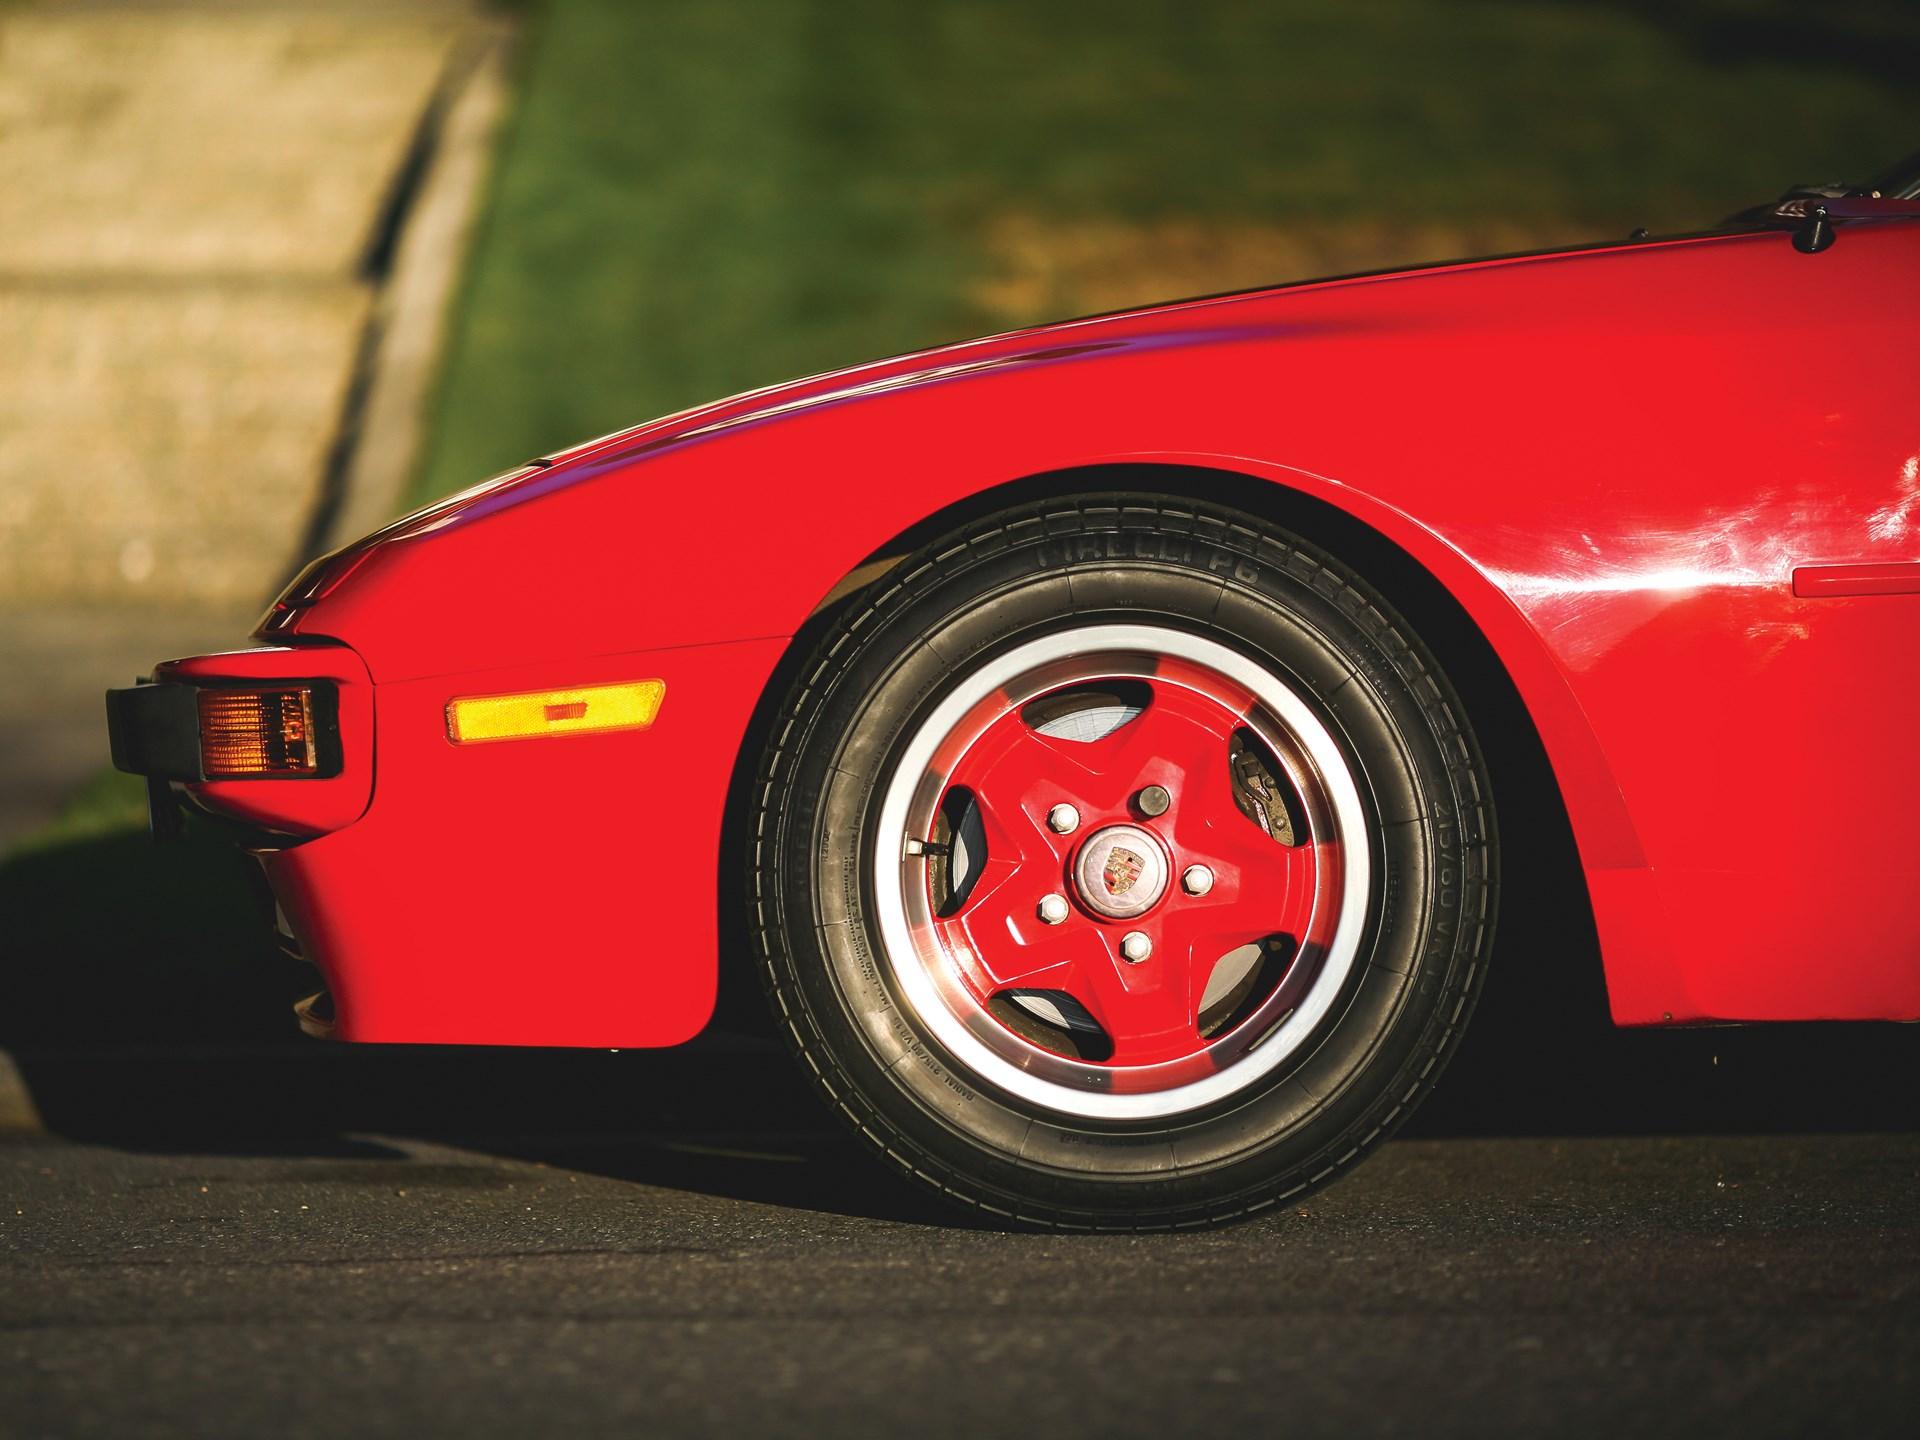 1984 Porsche 944 wheel detail